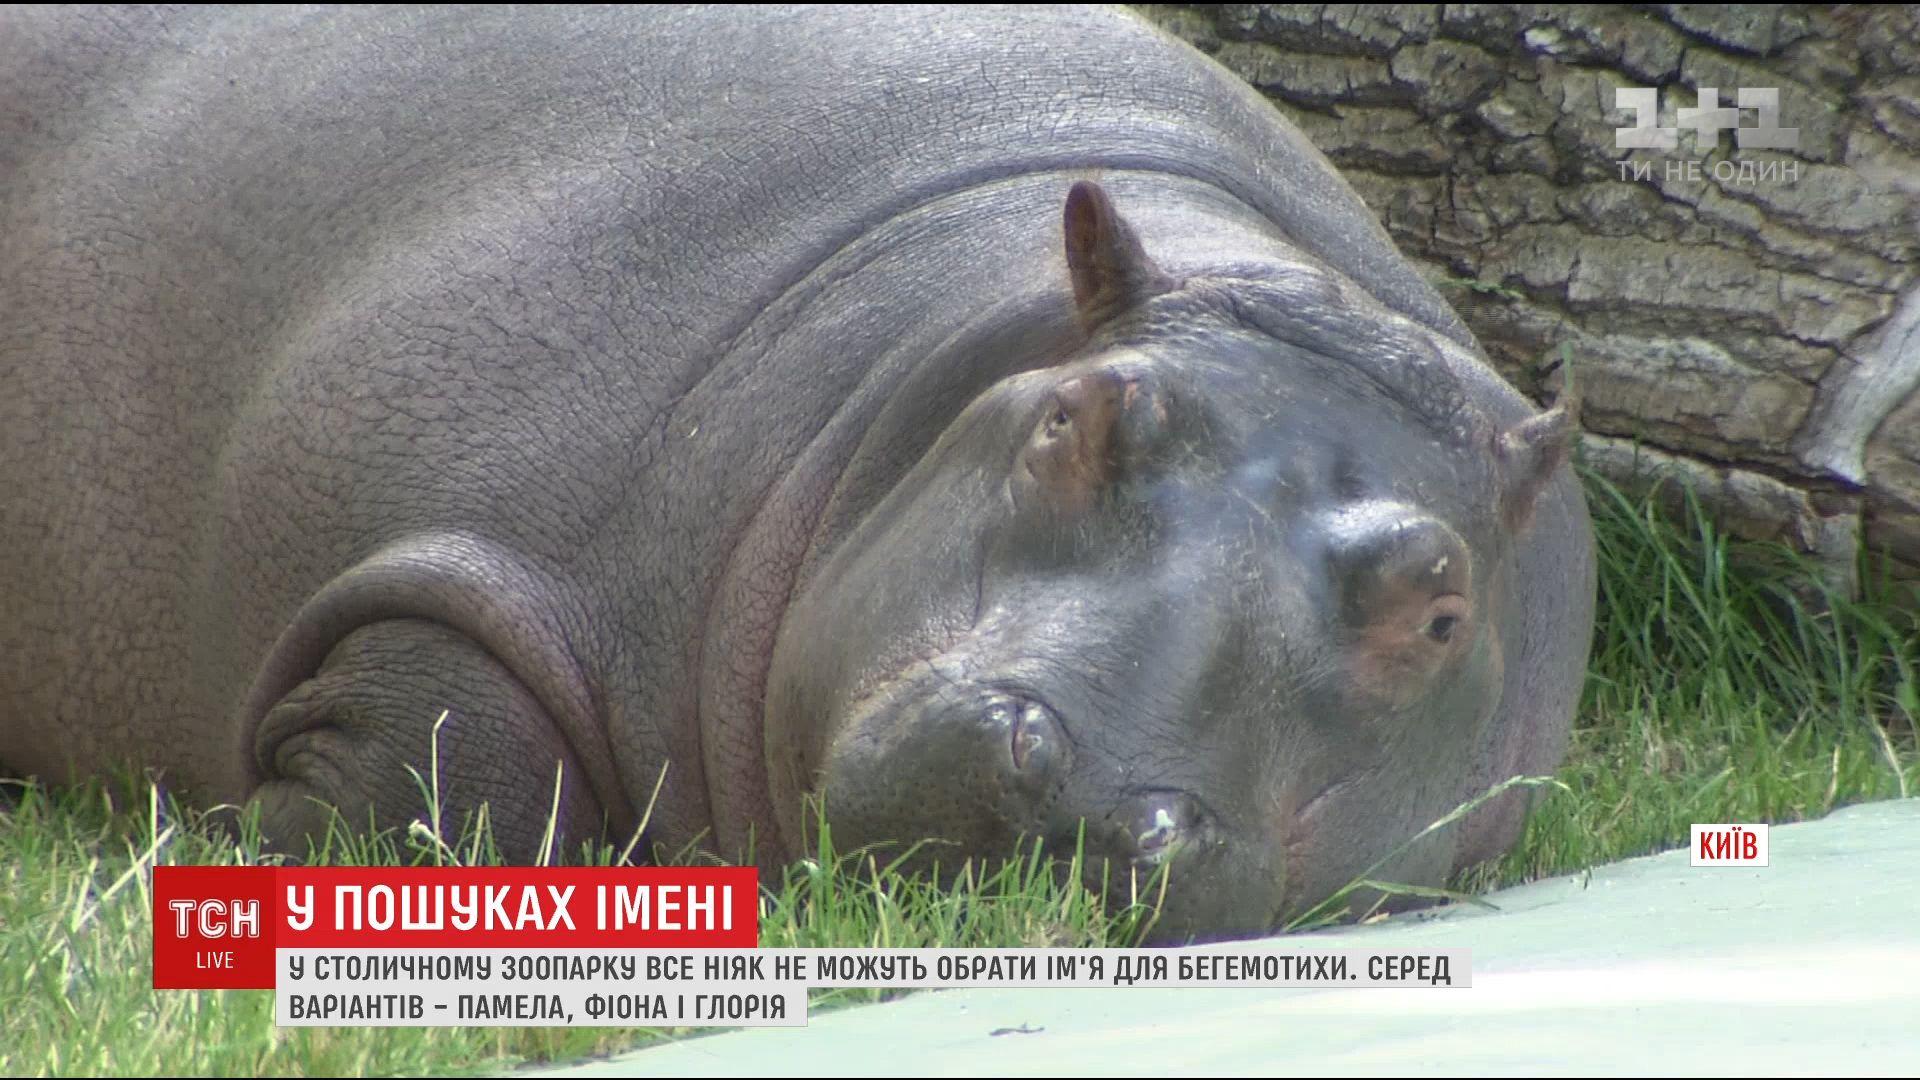 Памела, Фиона или Глория: в столичном зоопарке выбирают имя для маленькой бегемотихи